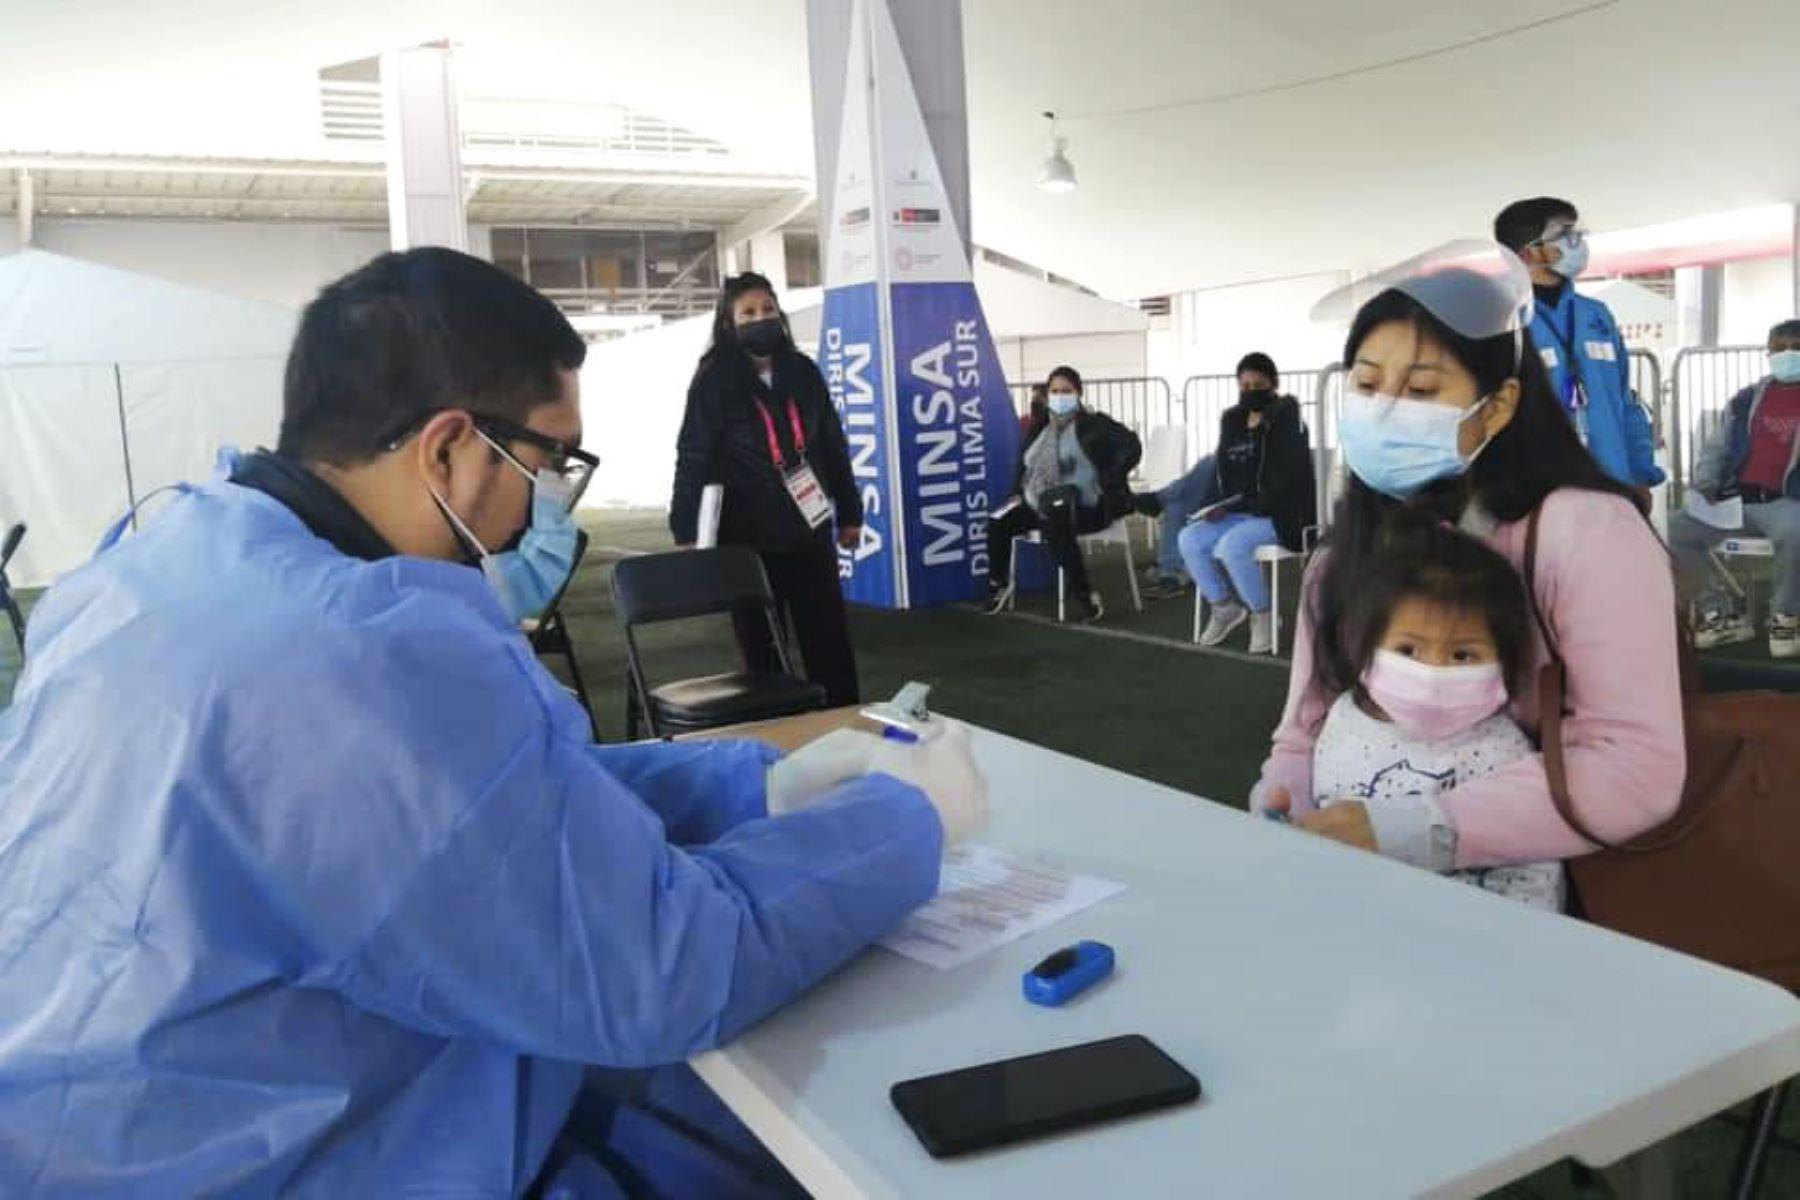 Jóvenes y adultos participan del Vacunafest, jornada de inmunización contra la Covid-19 espera recibir a jóvenes de 23 y 24 años en el Polideportivo de Villa María del Triunfo. Foto: ANDINA/Difusión